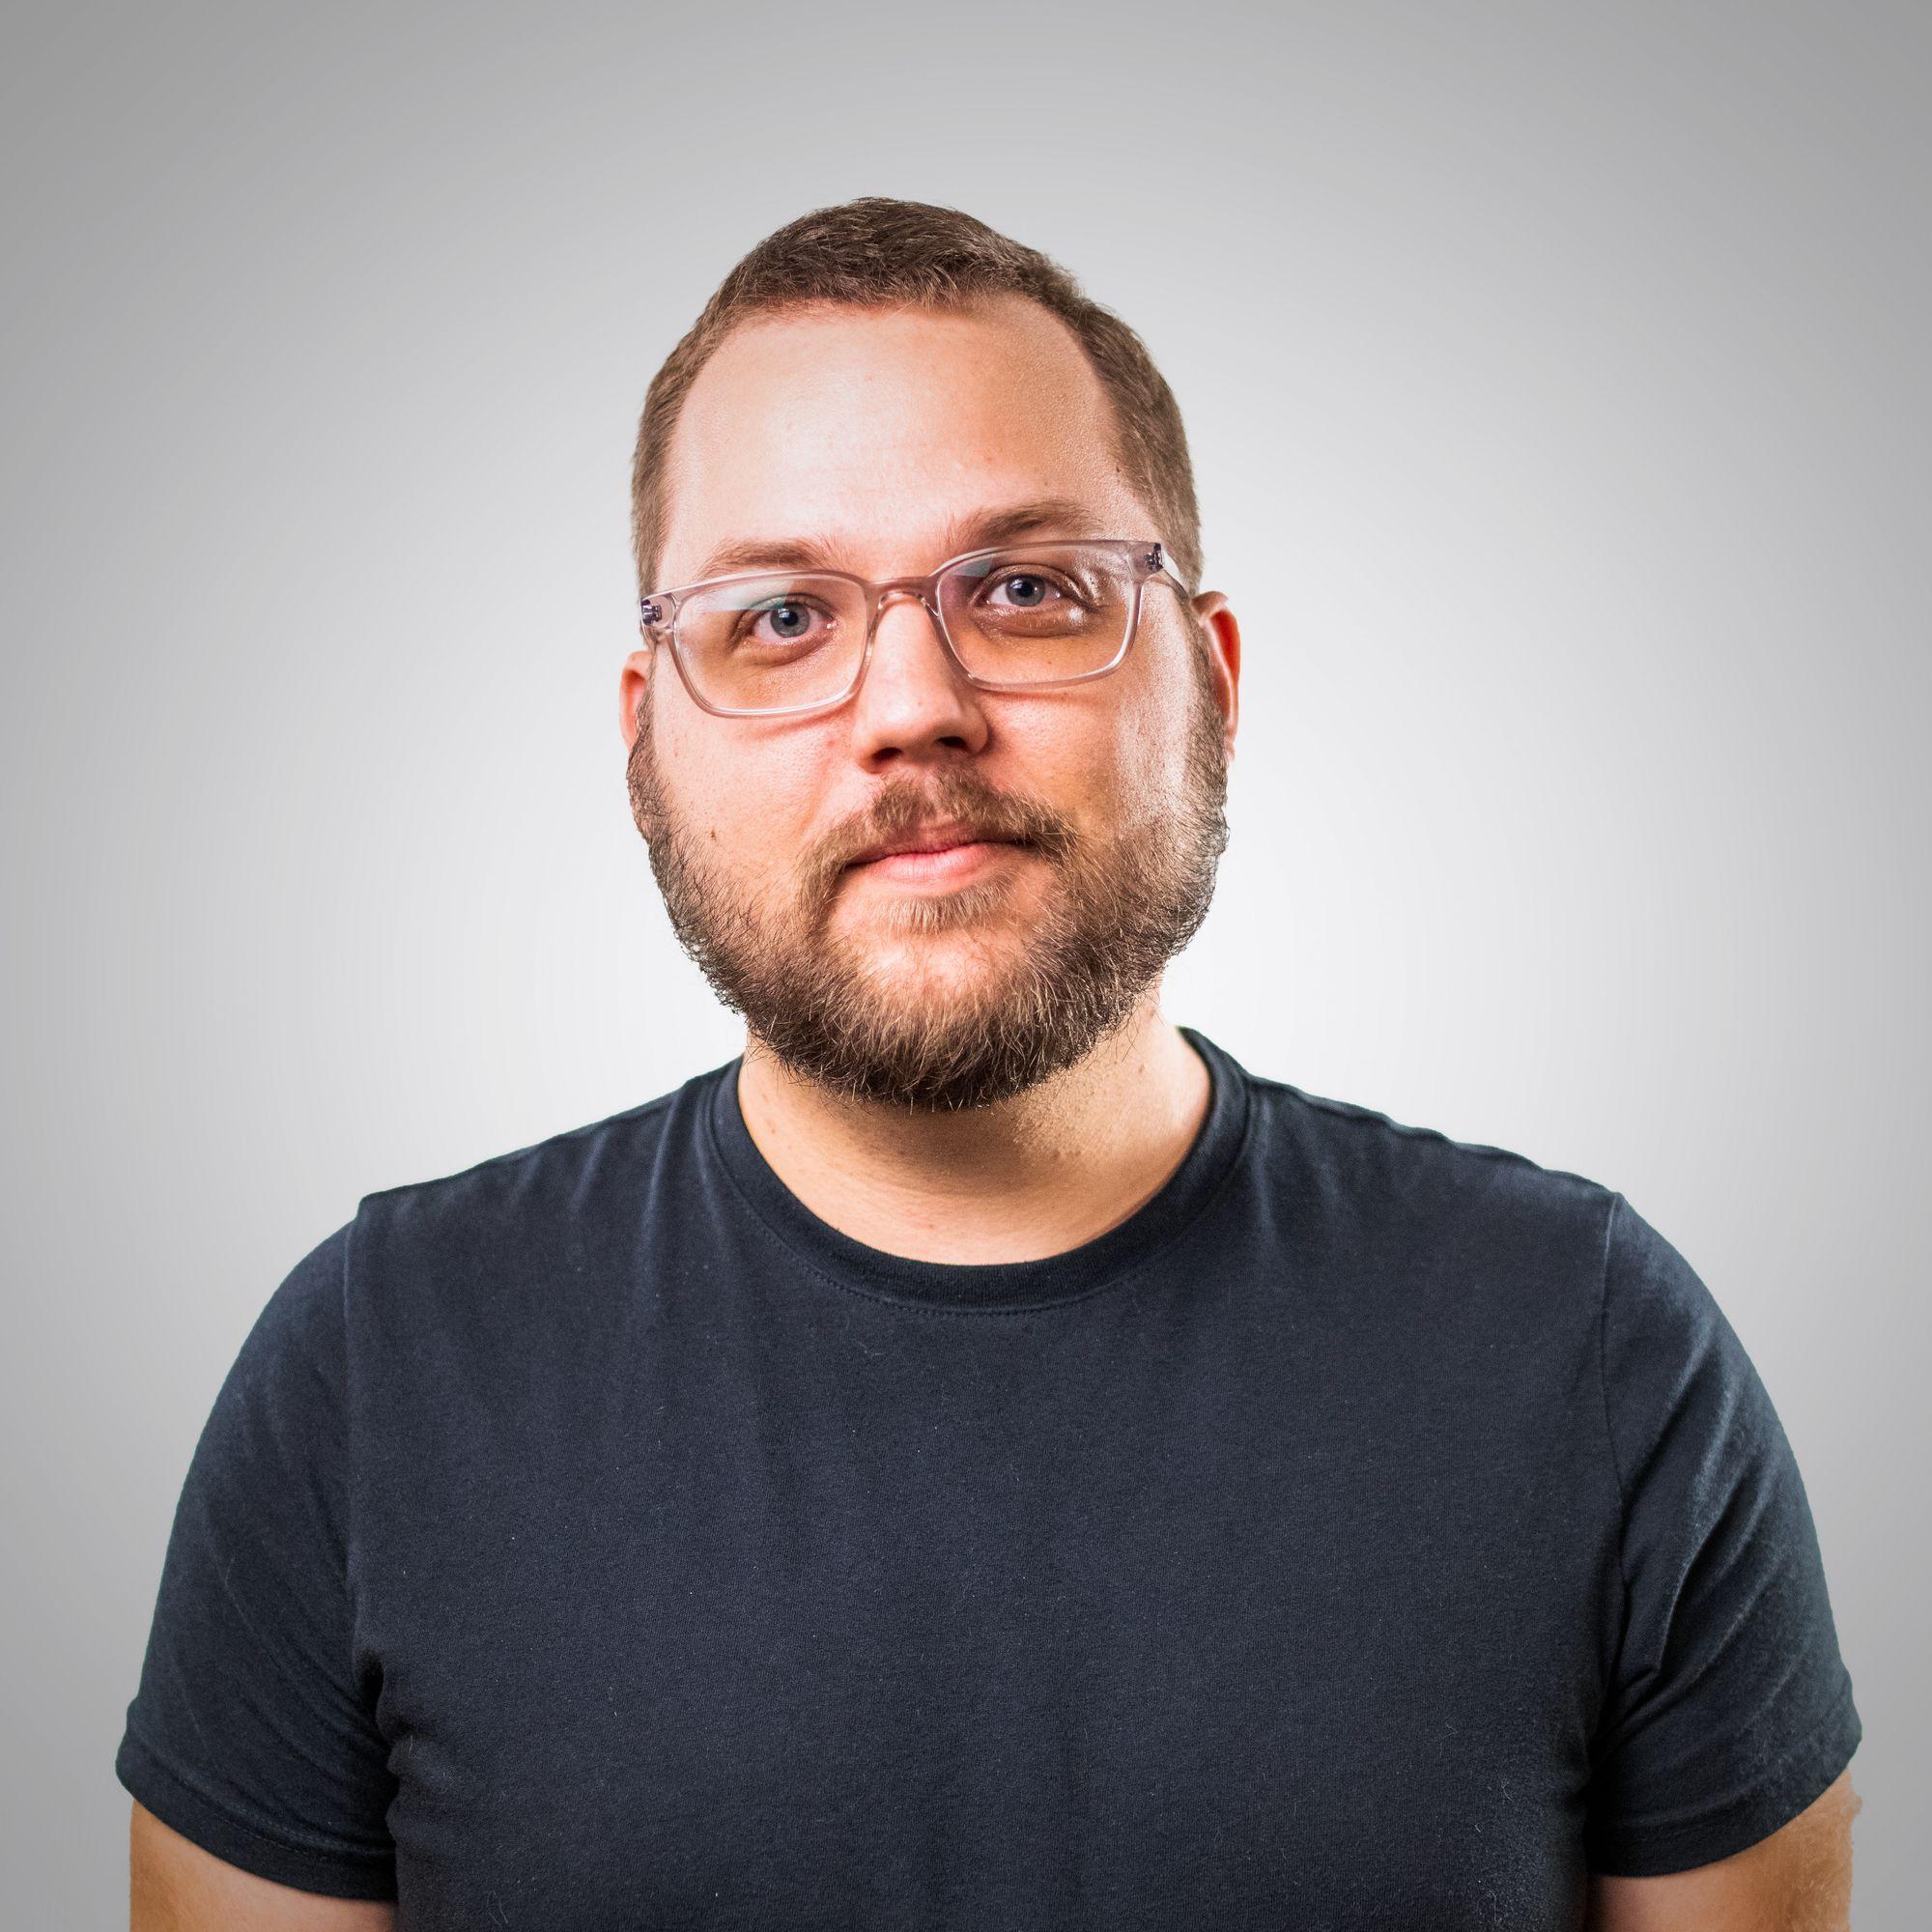 Steven Kreschollek